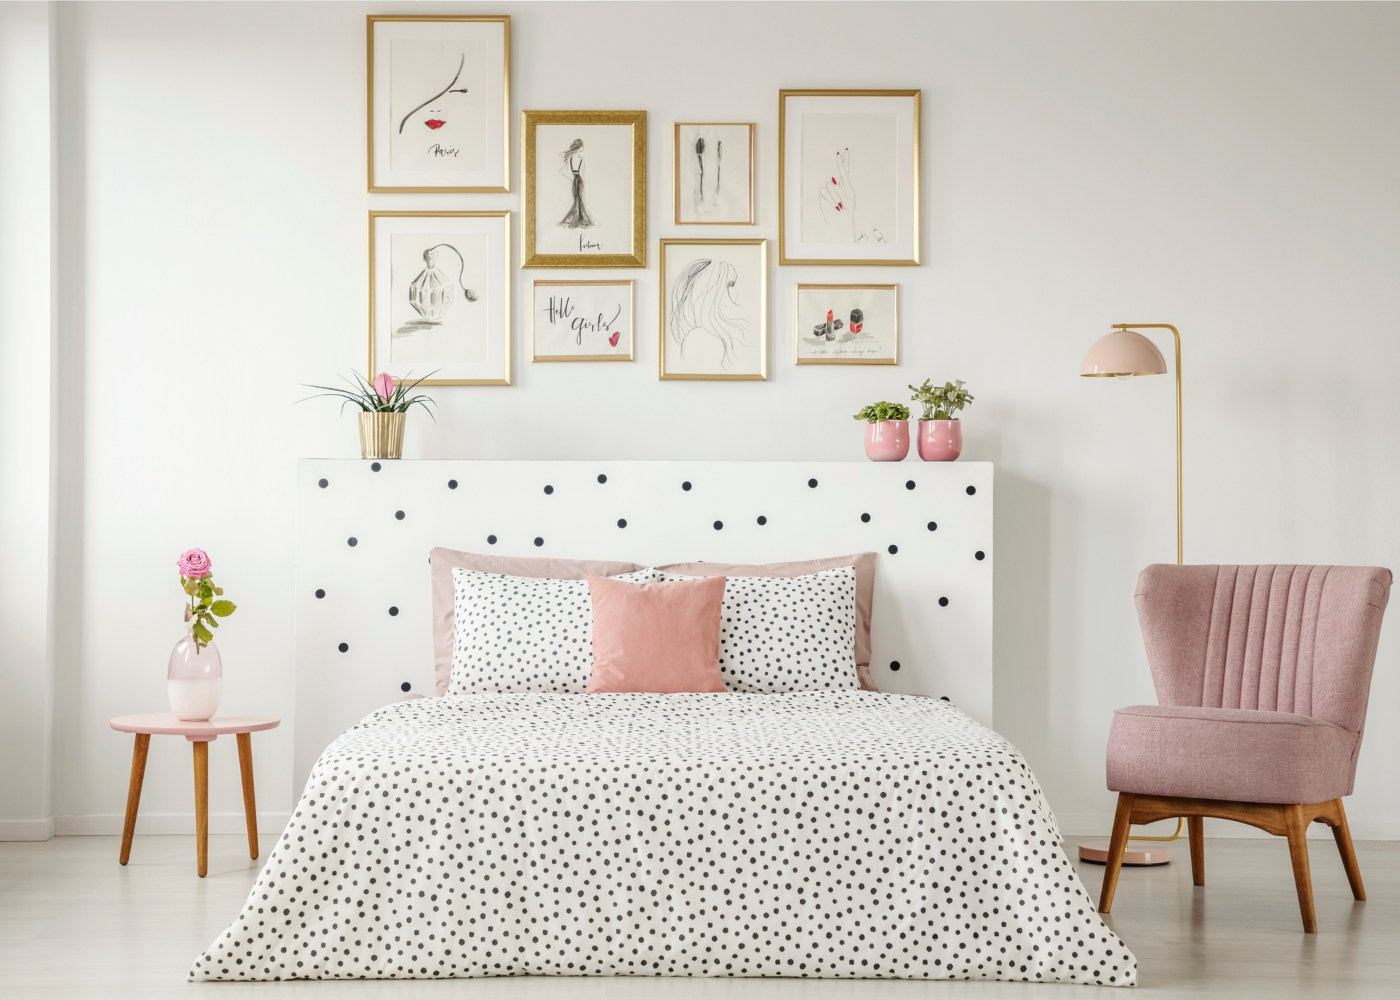 quarto decorado em tons claros com cama que não dá para guardar tralhas